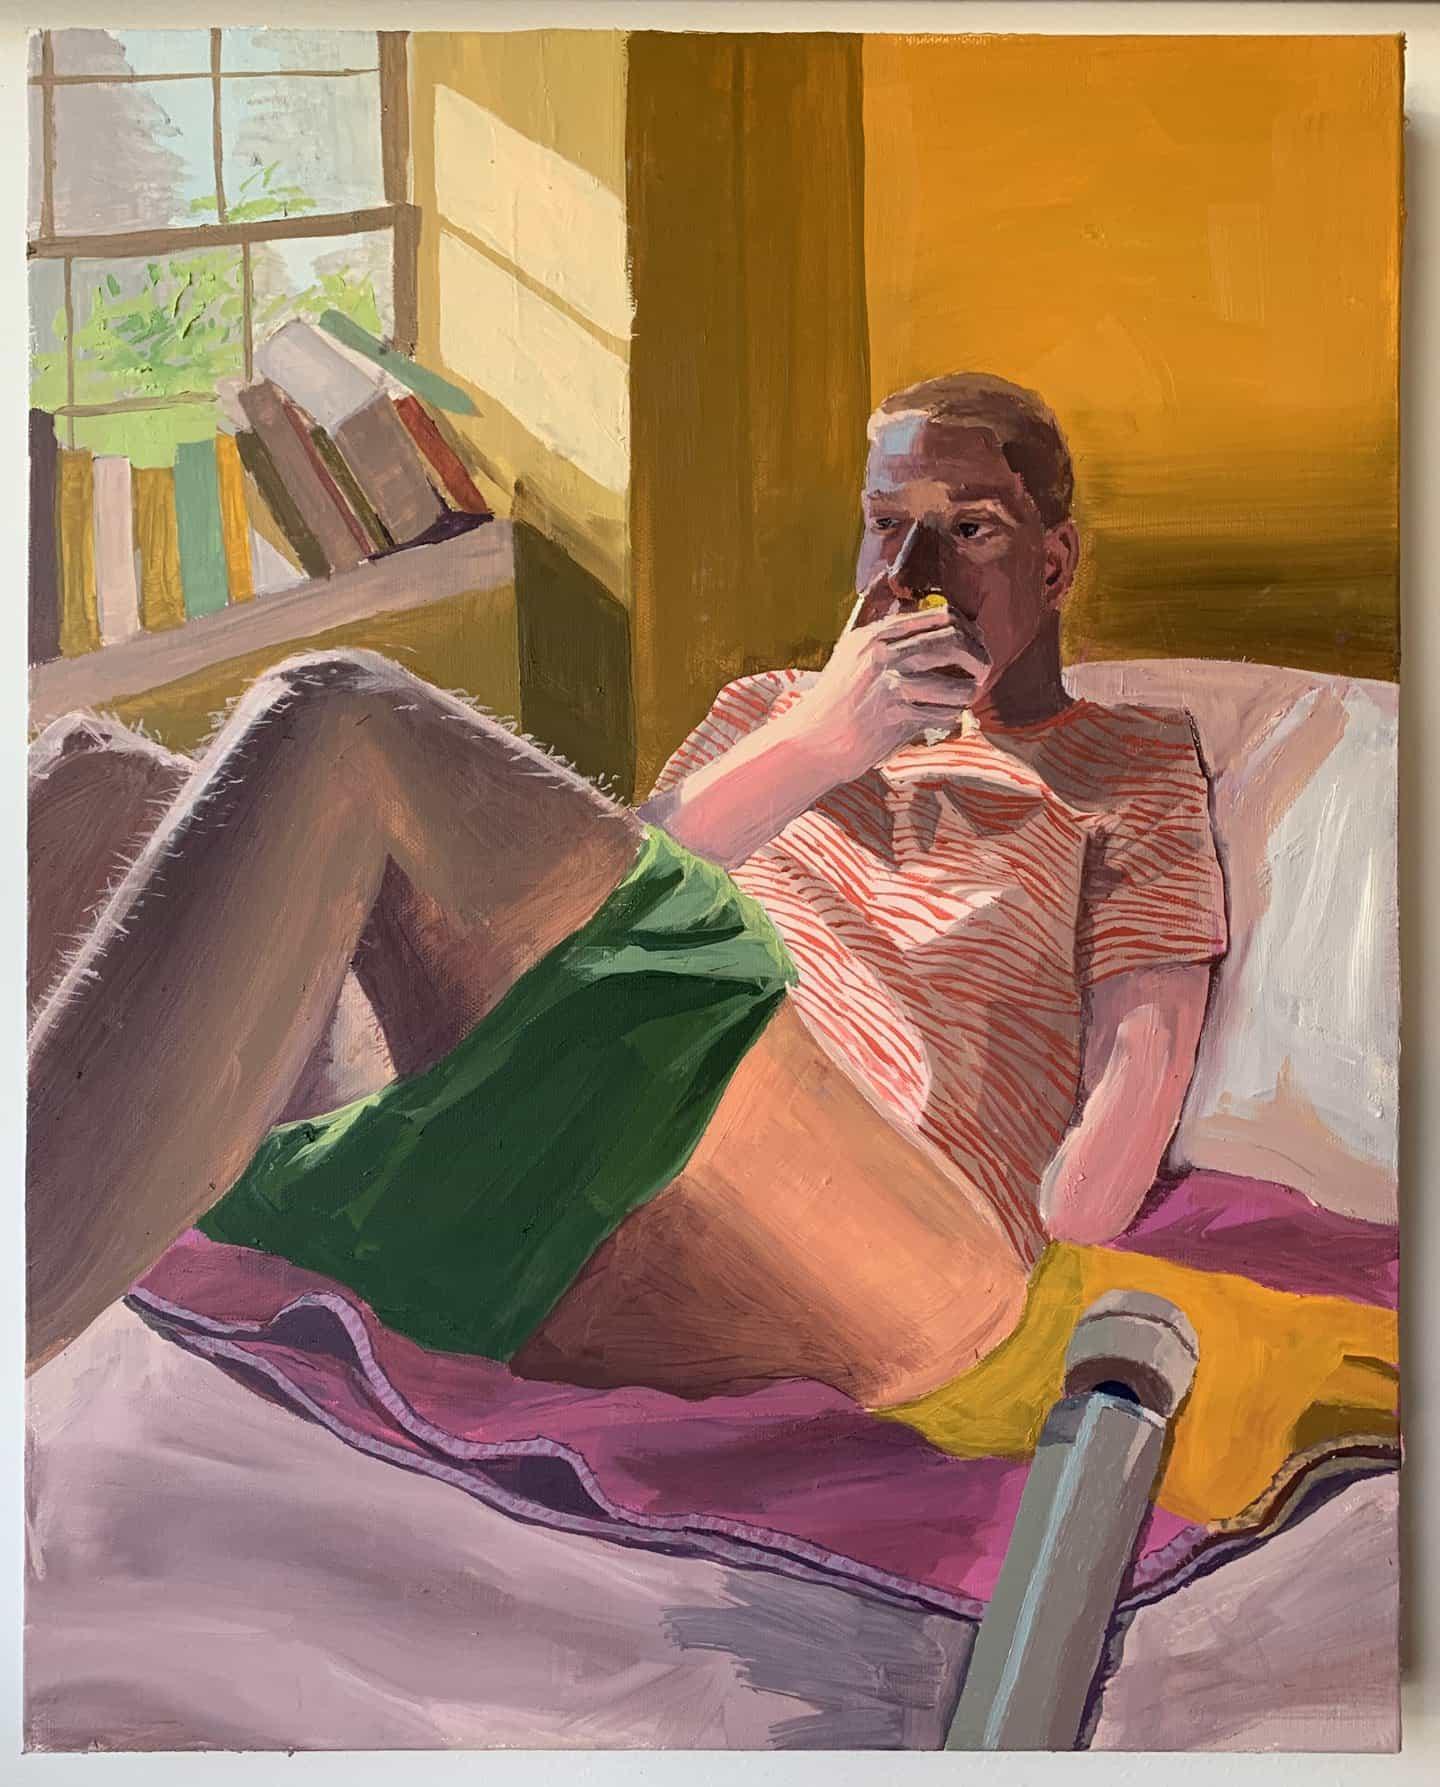 Las pinturas naturalistas y diarísticas de Linus Borgo son autobiográficas en su núcleo